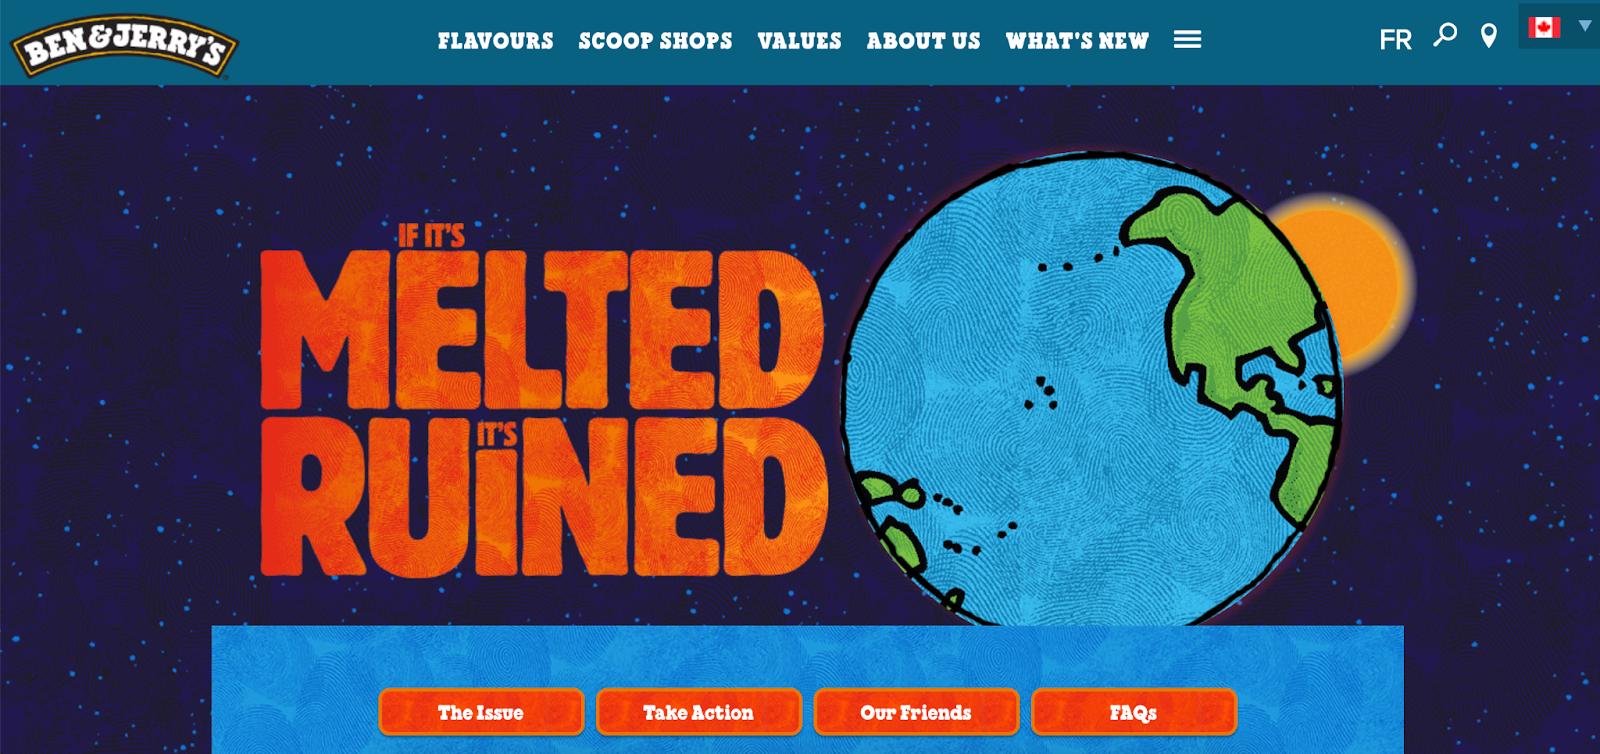 Screenshot of Ben & Jerry's website